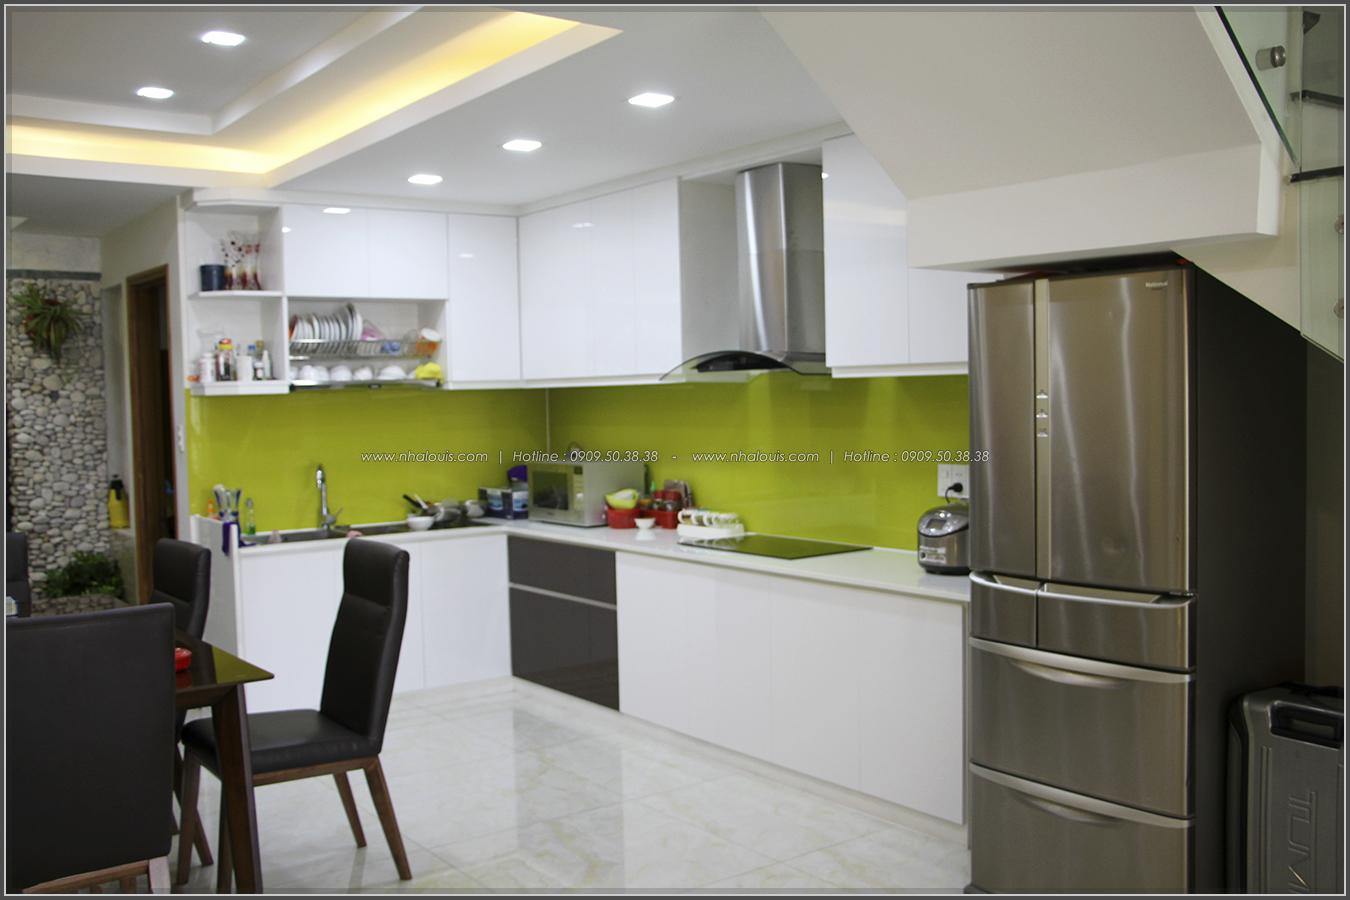 Thi công xây dựng nhà phố 1 trệt 2 lầu phong cách hiện đại ở Tân Phú - 07